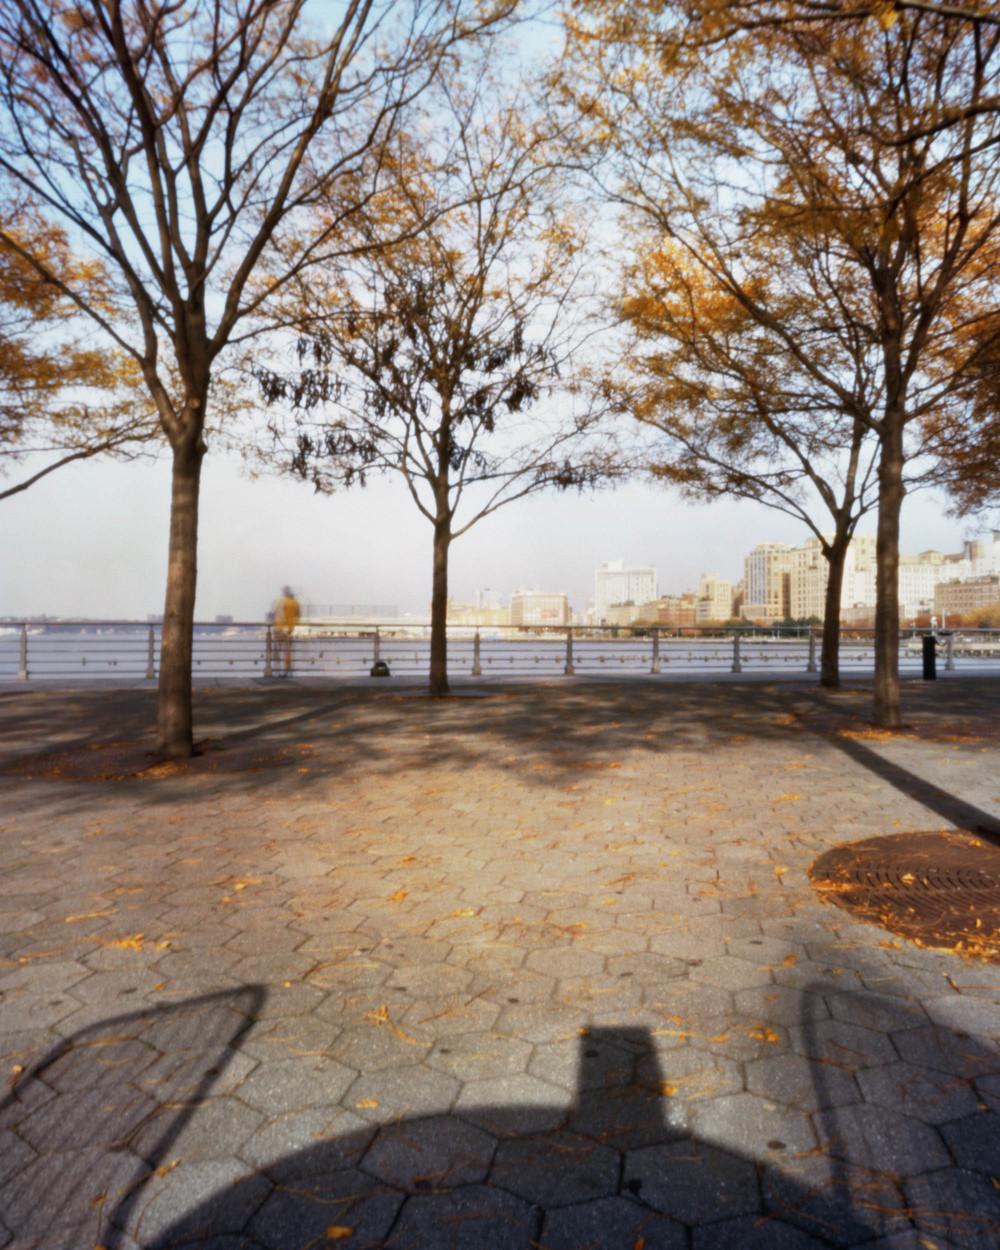 Marasco_Hudson_River_Park.jpg